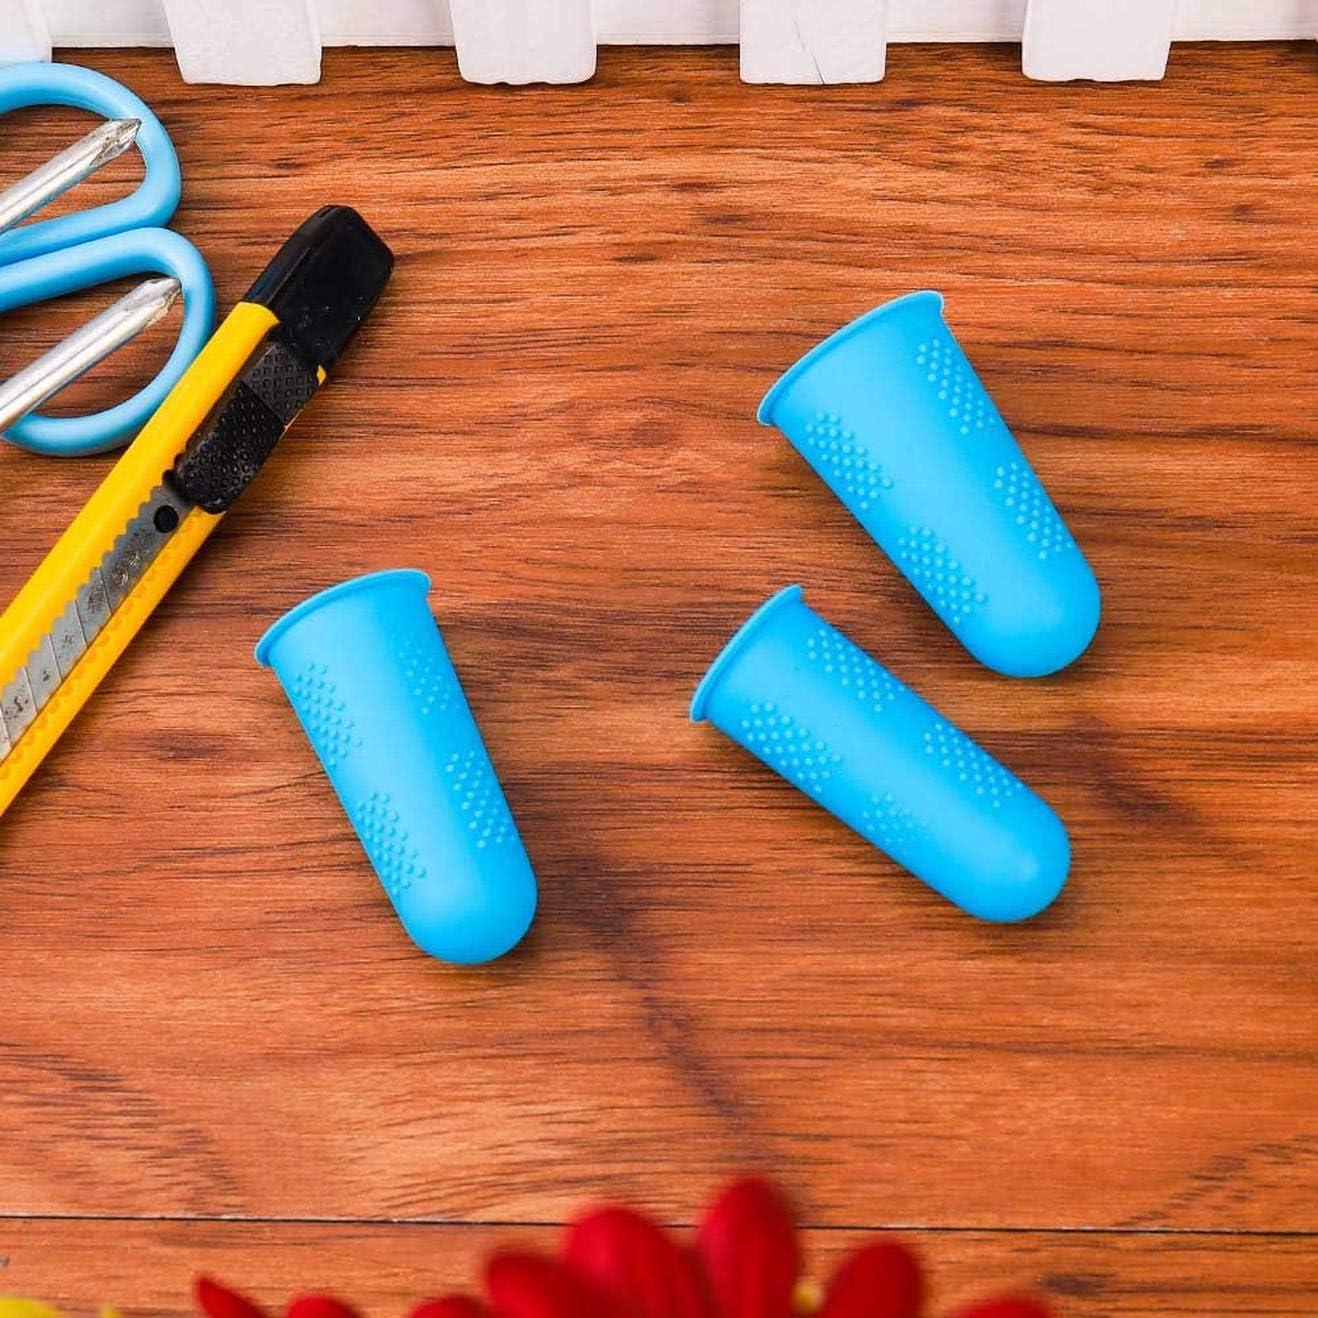 Dyudyrujdtry 3 Gr/ö/ßen f/ür Heim Dekoration 24 Teile Hot Klebepistole Finger Schutz f/ür Hot Glue